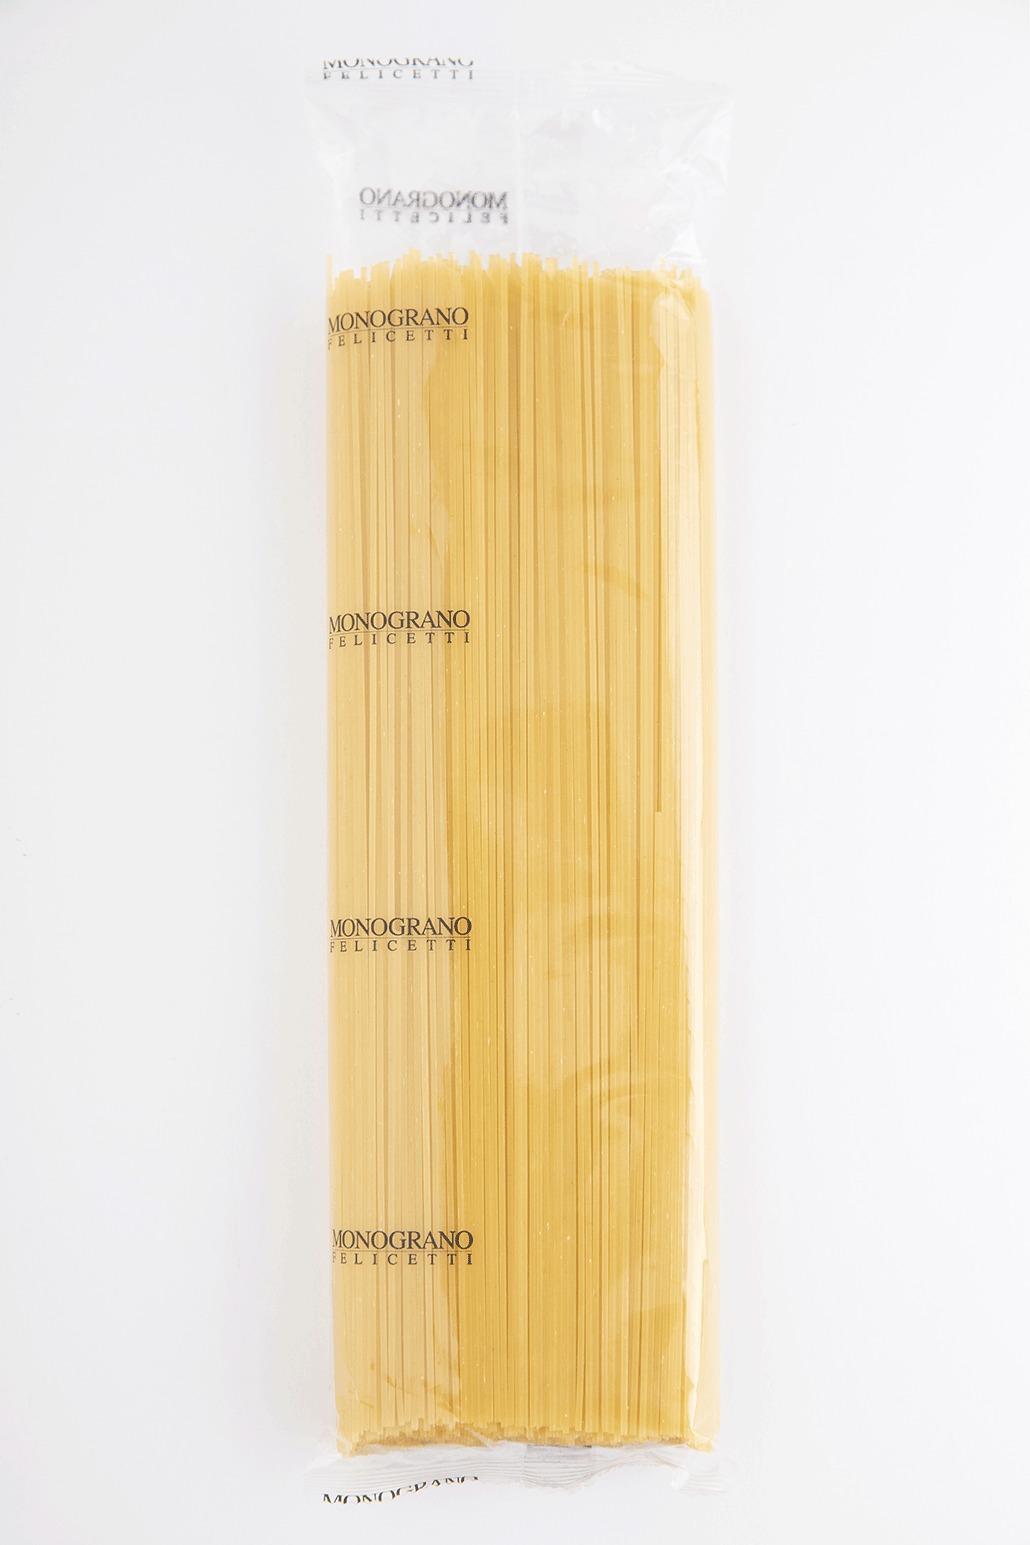 フェリチェッティ モノグラーノ・イル・カッペッリ スパゲッティーニ 業務用 500g